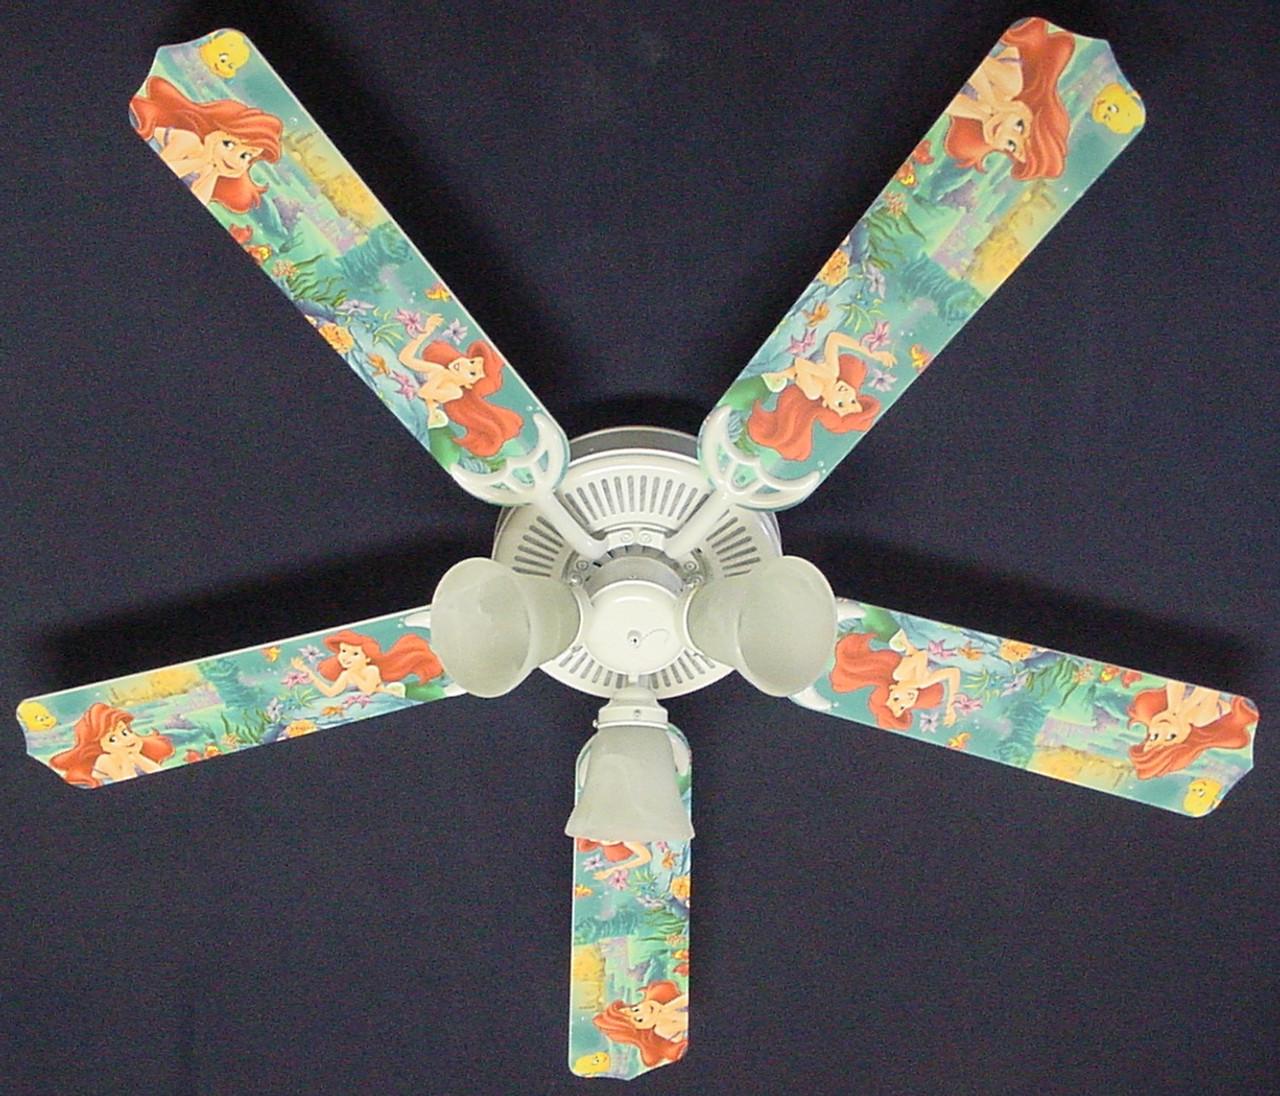 Disney Little Mermaid Ariel Ceiling Fan 52 1